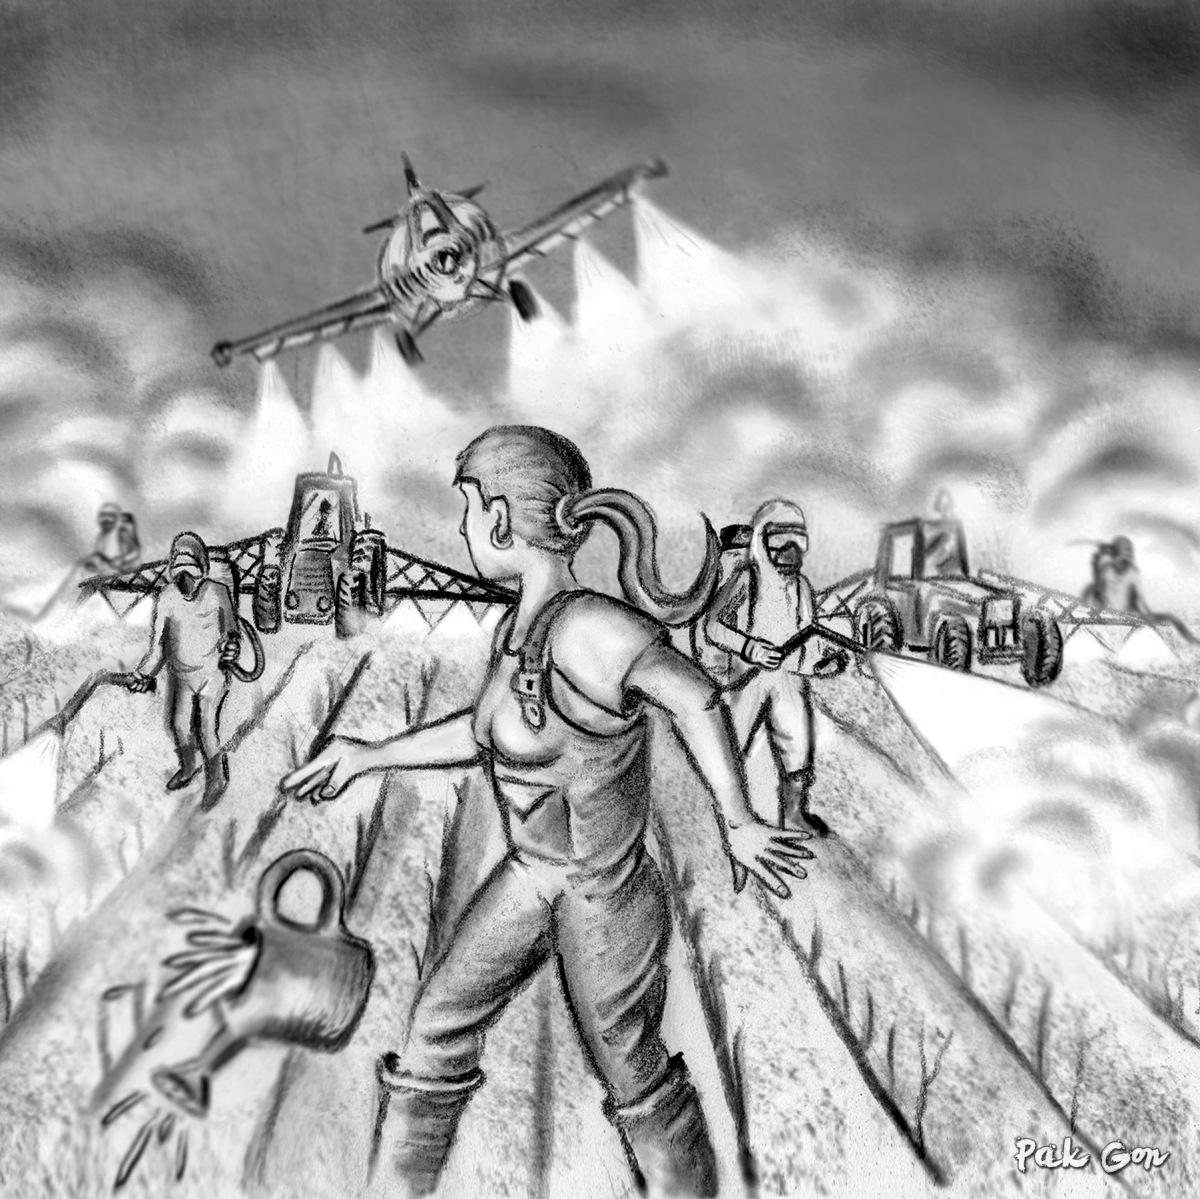 ilustración para Fanzine La Chimenea nº35, 2017 - carboncillo, conté, dibujo vectorial, retoque digital